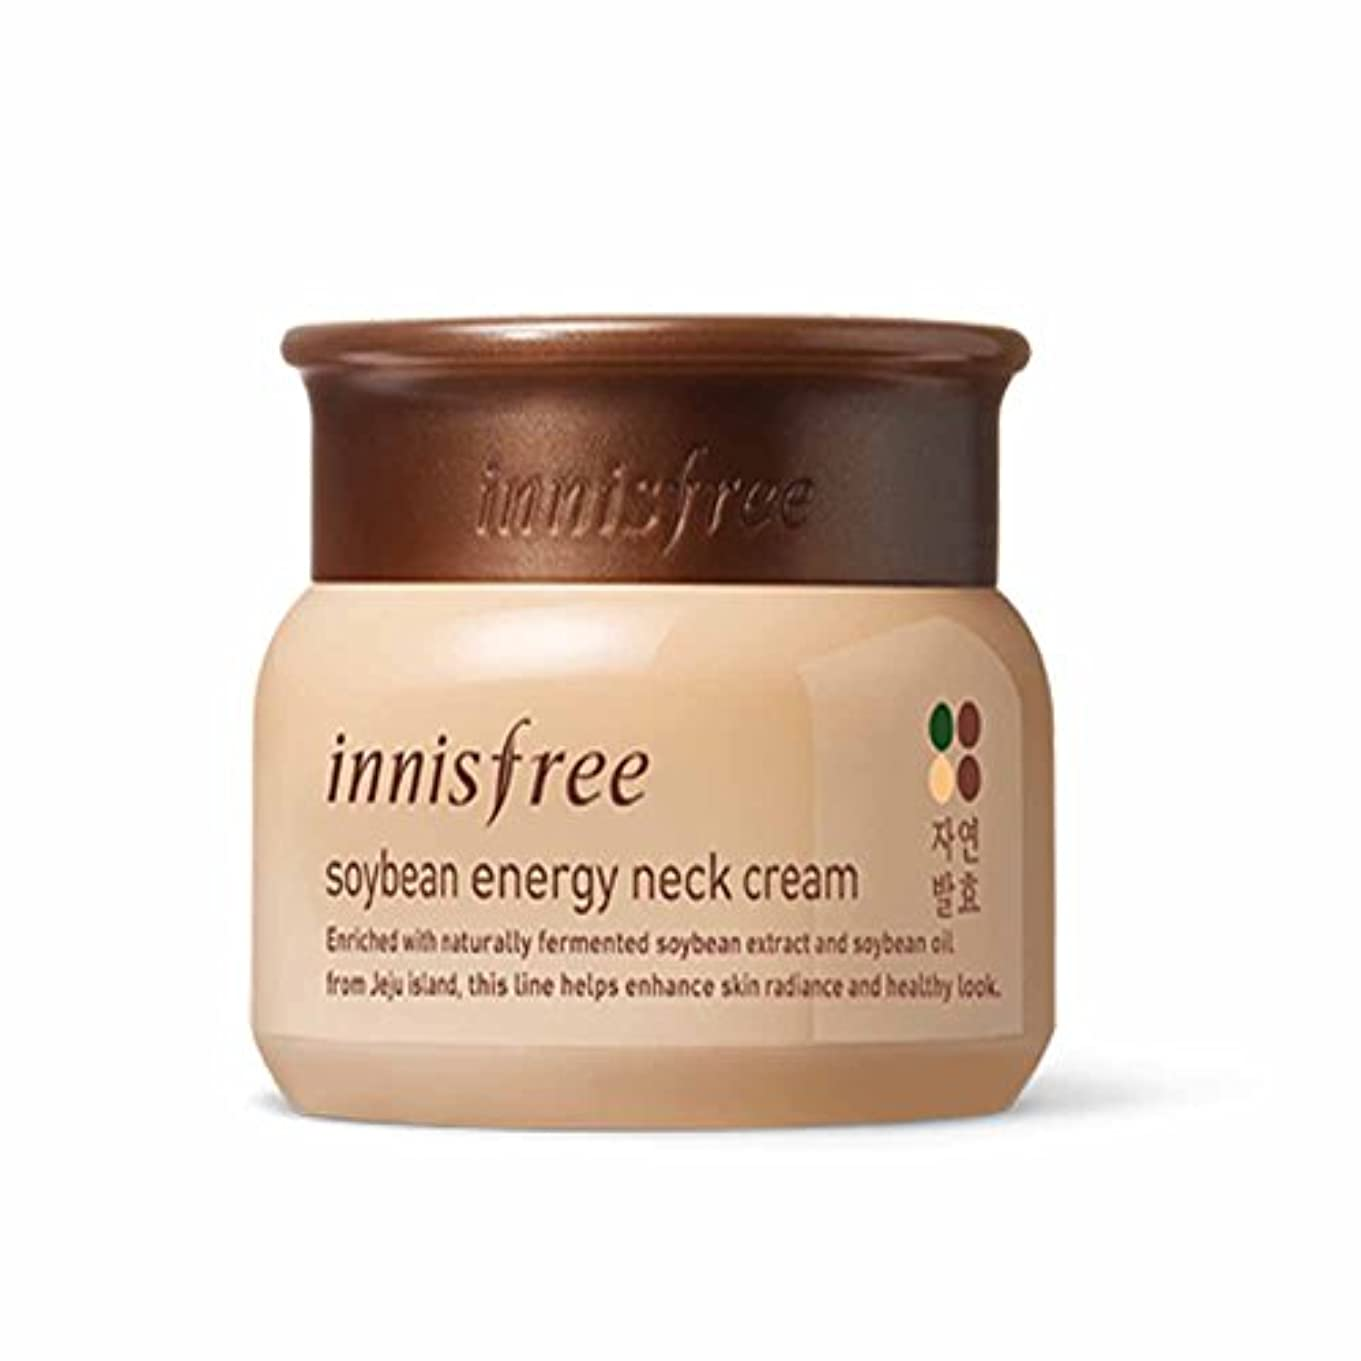 不確実ヘア側イニスフリーソーイングエナジーネッククリーム80ml / Innisfree Soybean Energy Neck Cream 80ml[海外直送品] [並行輸入品]